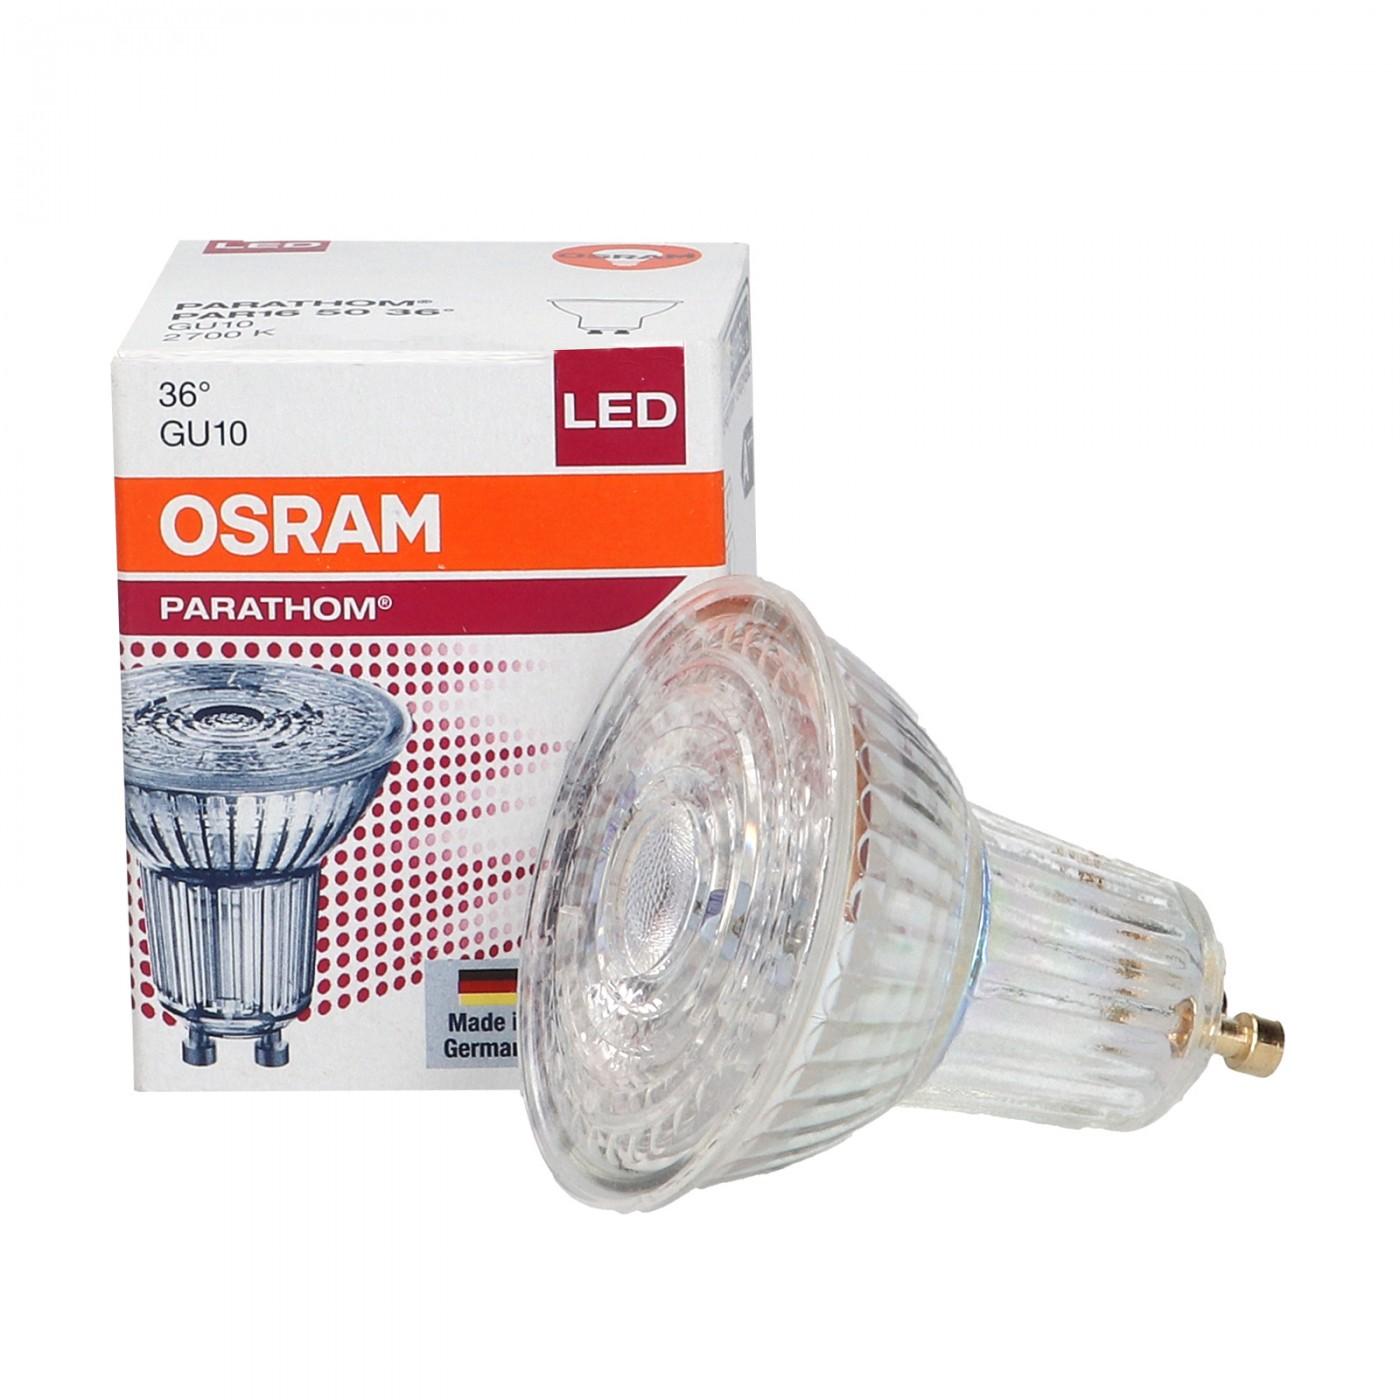 LED GU10 4.3W Parathom 2700K 36 OSRAM Lighting